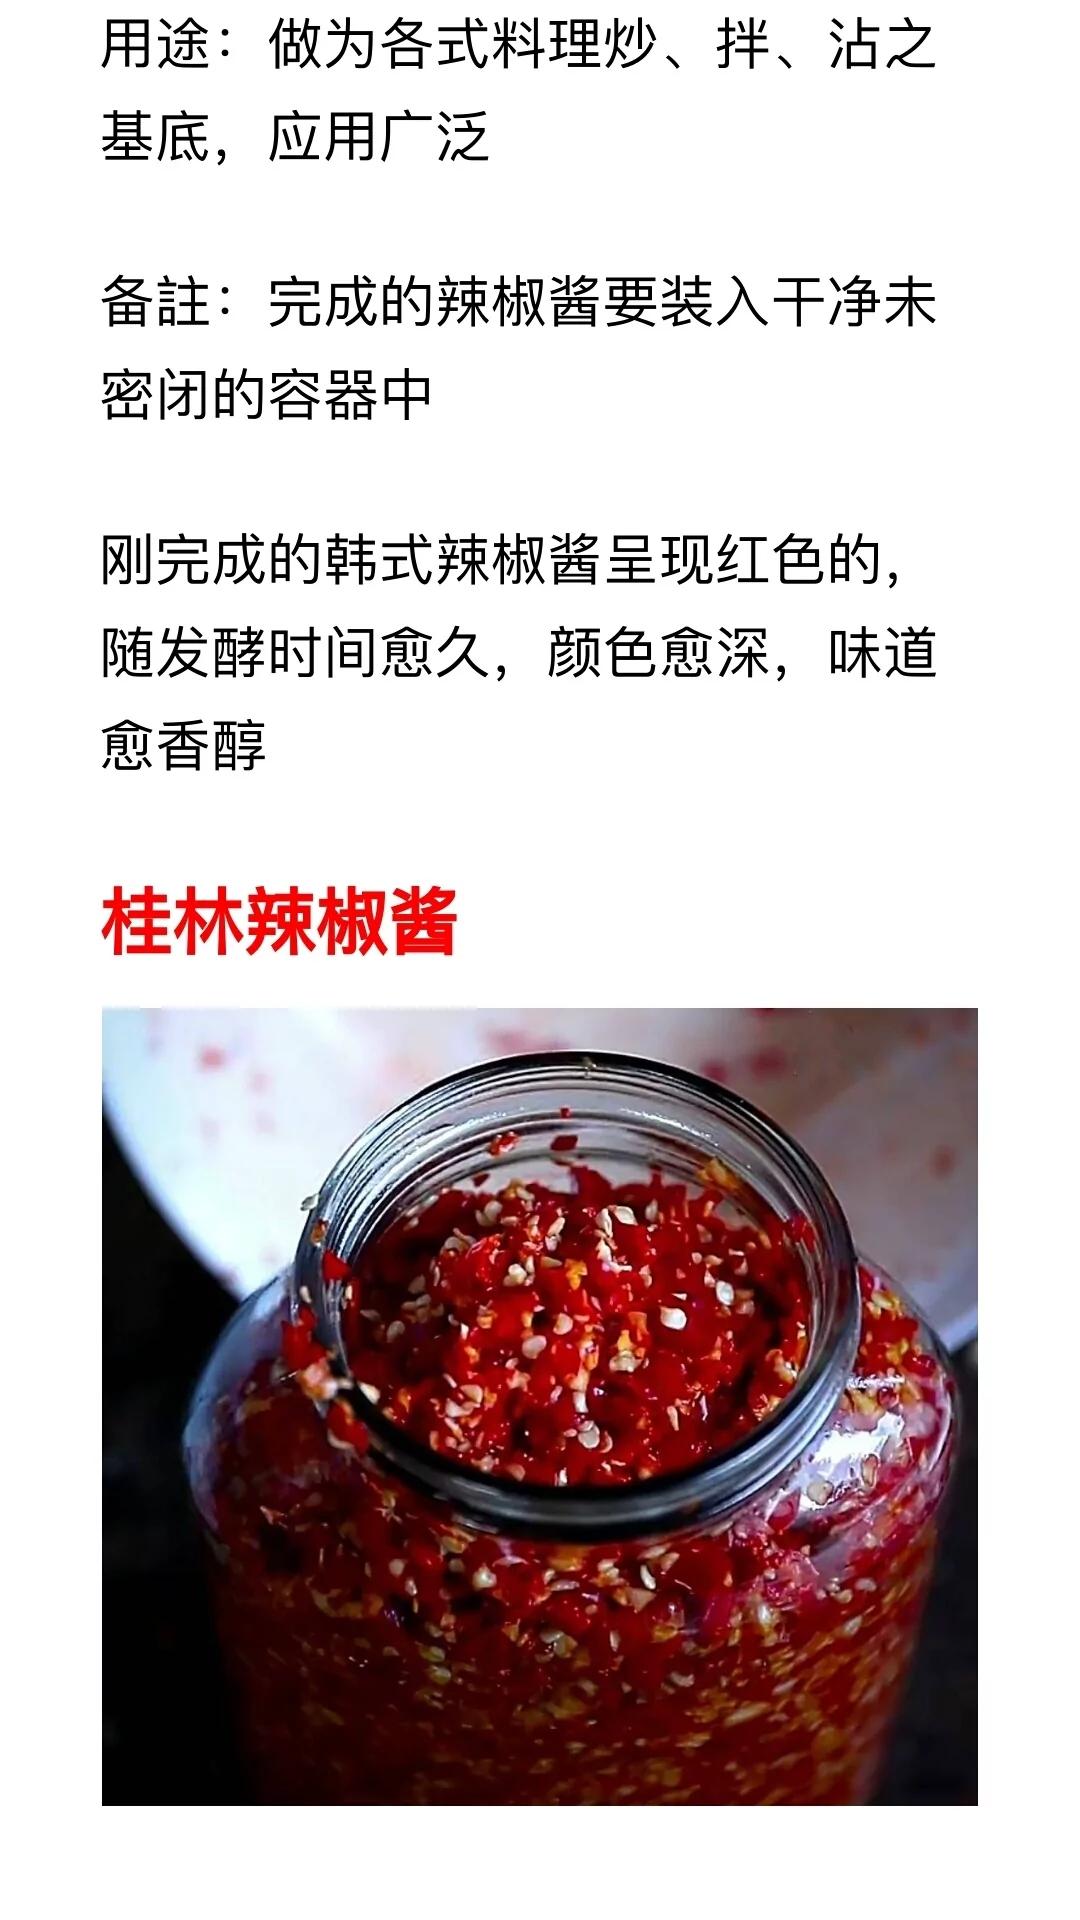 辣椒酱的做法及配料 美食做法 第6张